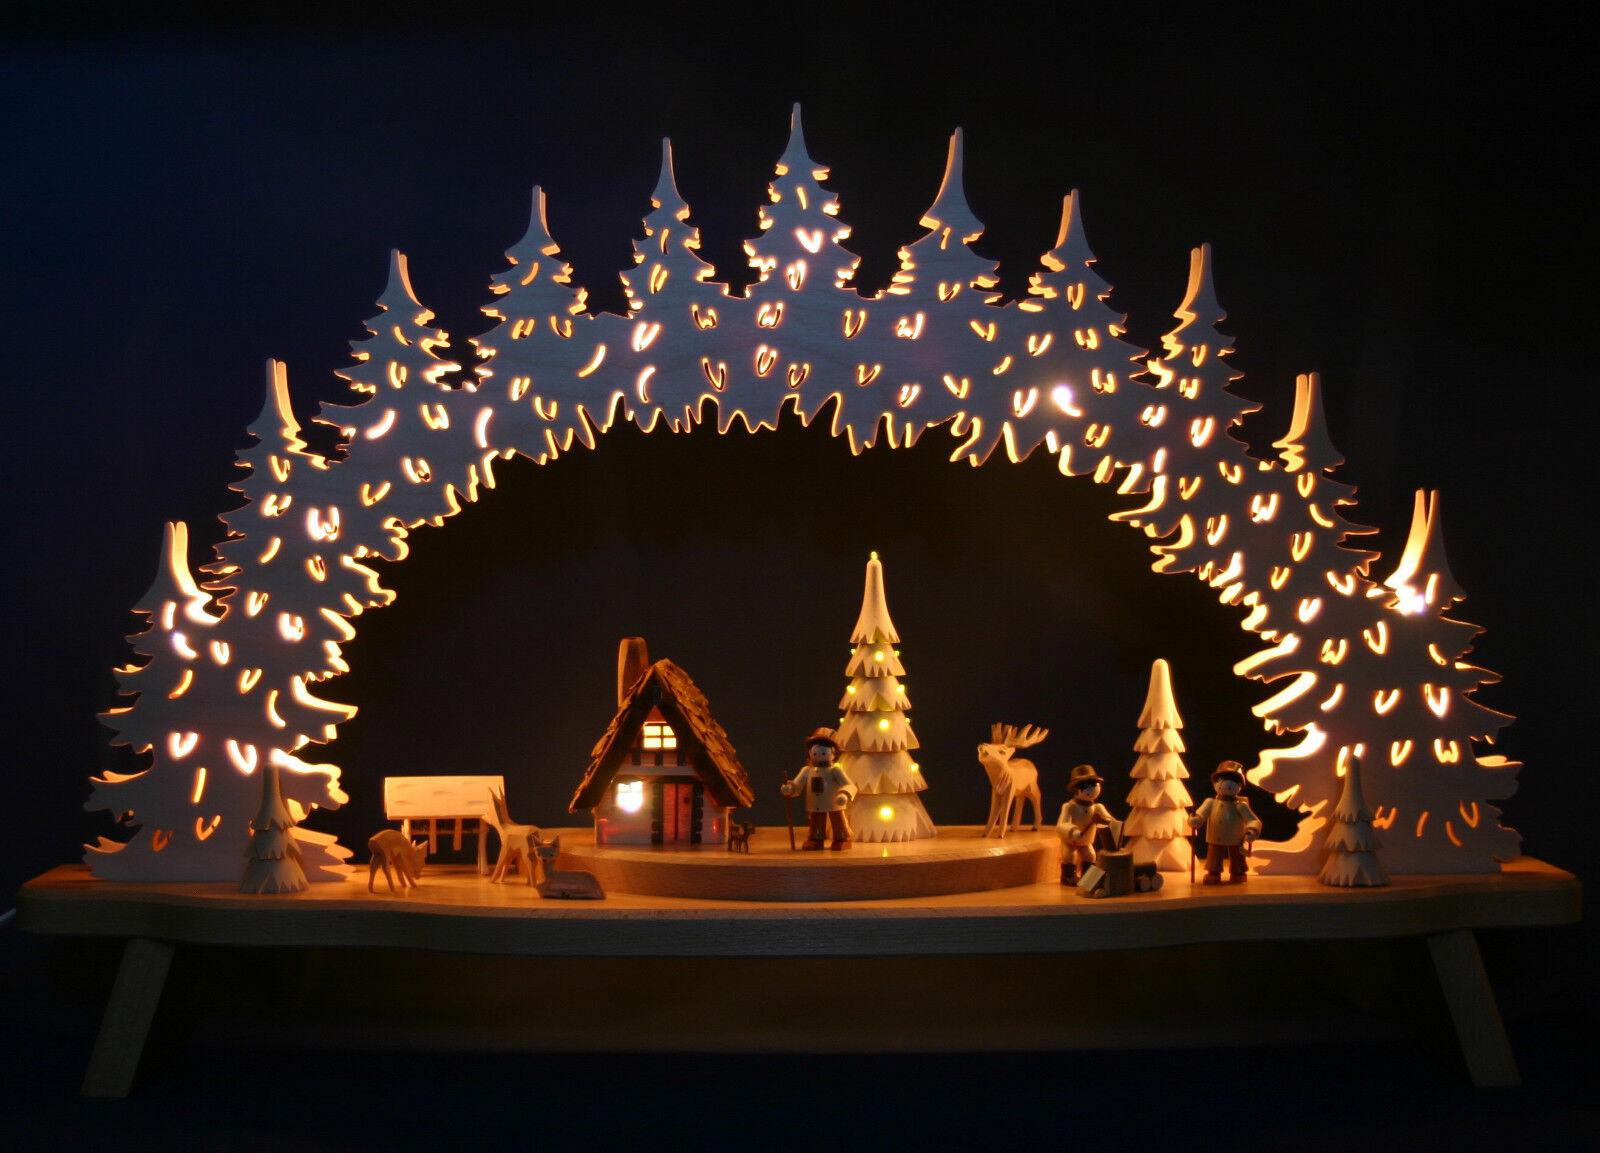 Großer 80cm 3D-Schwibbogen Waldmotiv geschnitzt geschnitzt geschnitzt & LED-Weihnachtsbaum Erzgebirge | Ruf zuerst  51ca49